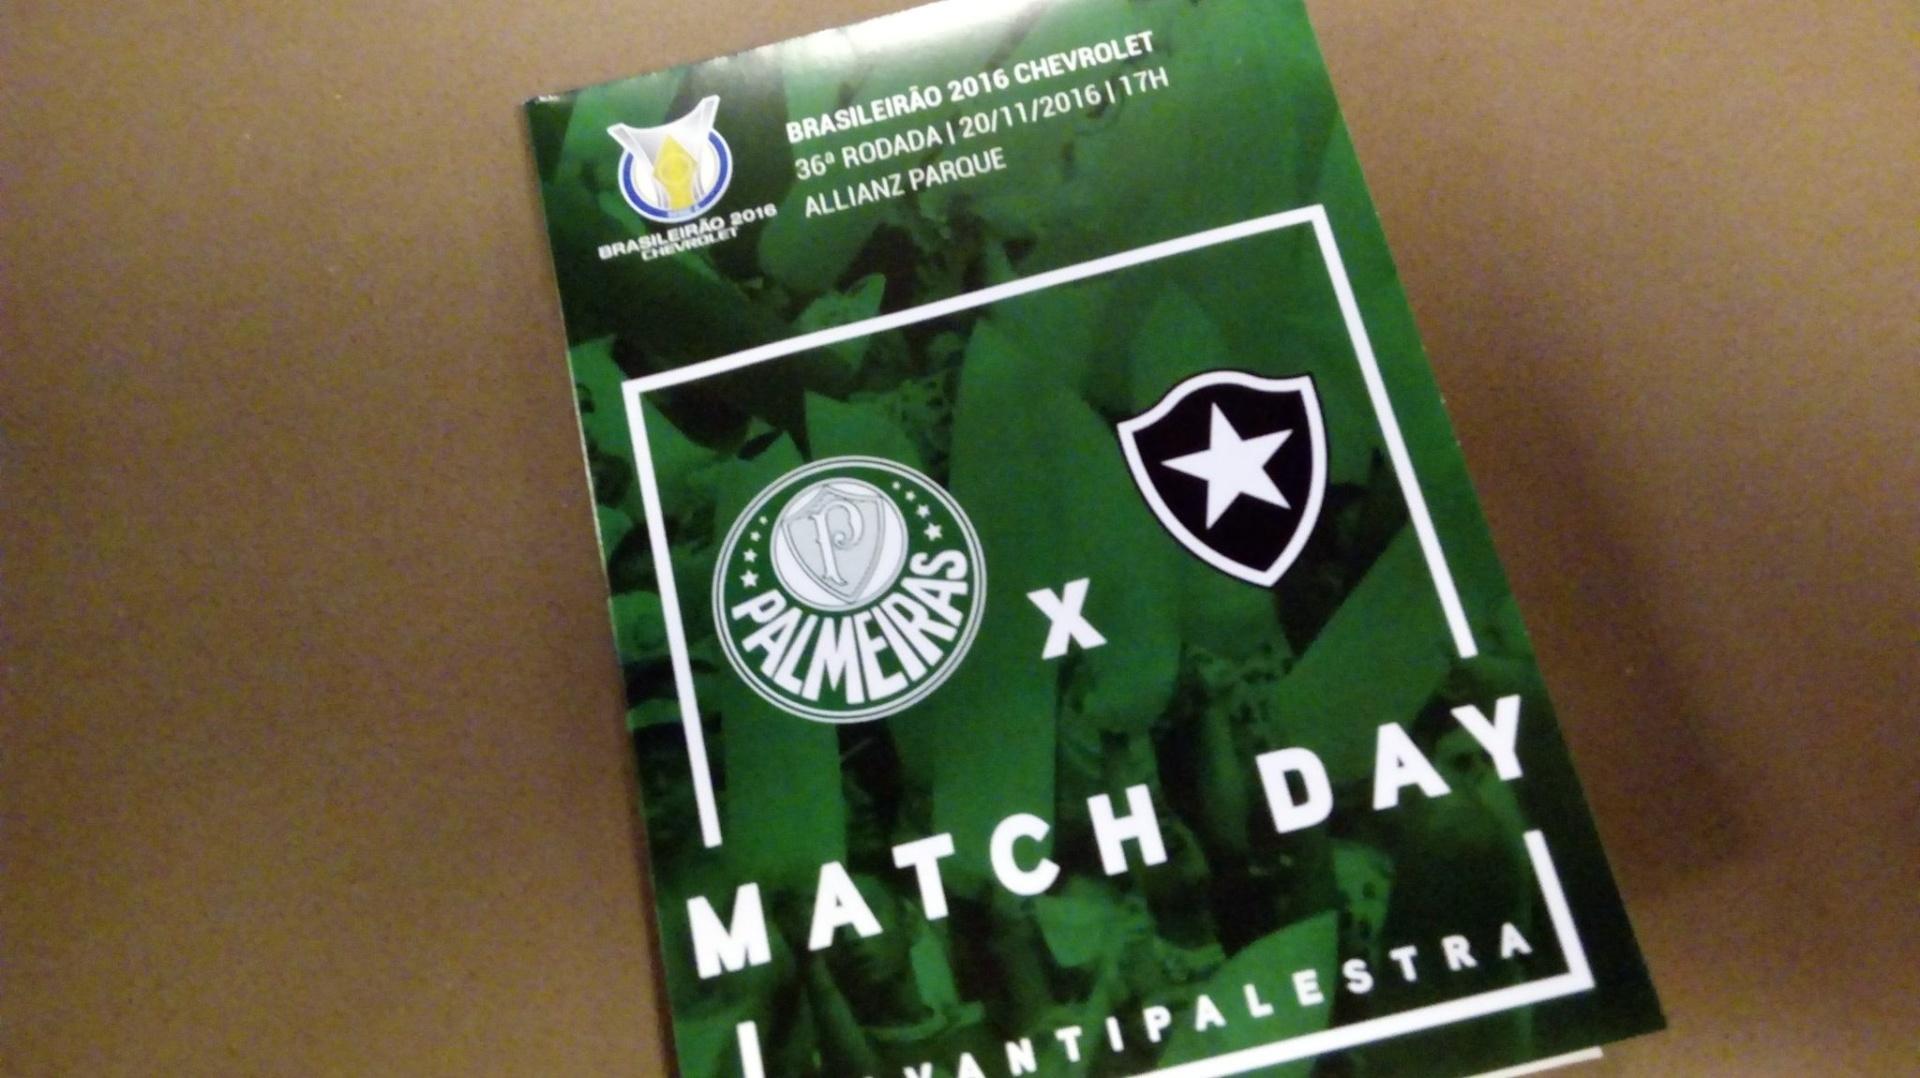 Material entregue pelo Palmeiras antes da partida contra o Botafogo